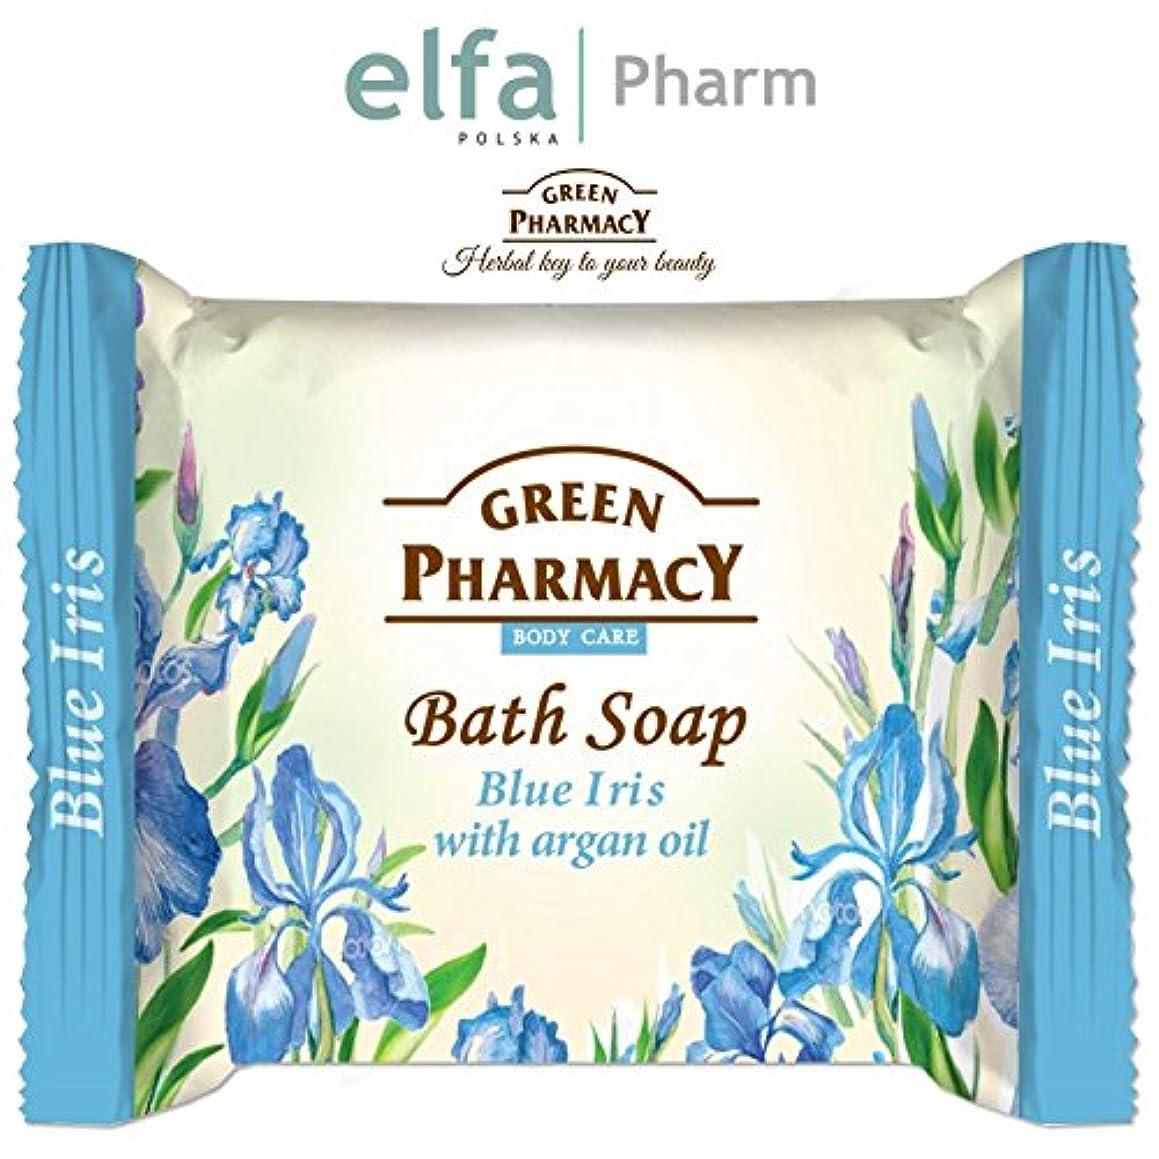 エンドウ理解するベット石鹸 固形 安心?安全 古代からのハーブの知識を生かして作られた固形せっけん ポーランドのグリーンファーマシー elfa Pharm Green Pharmacy Bath Soap Blue Iris with Argan...